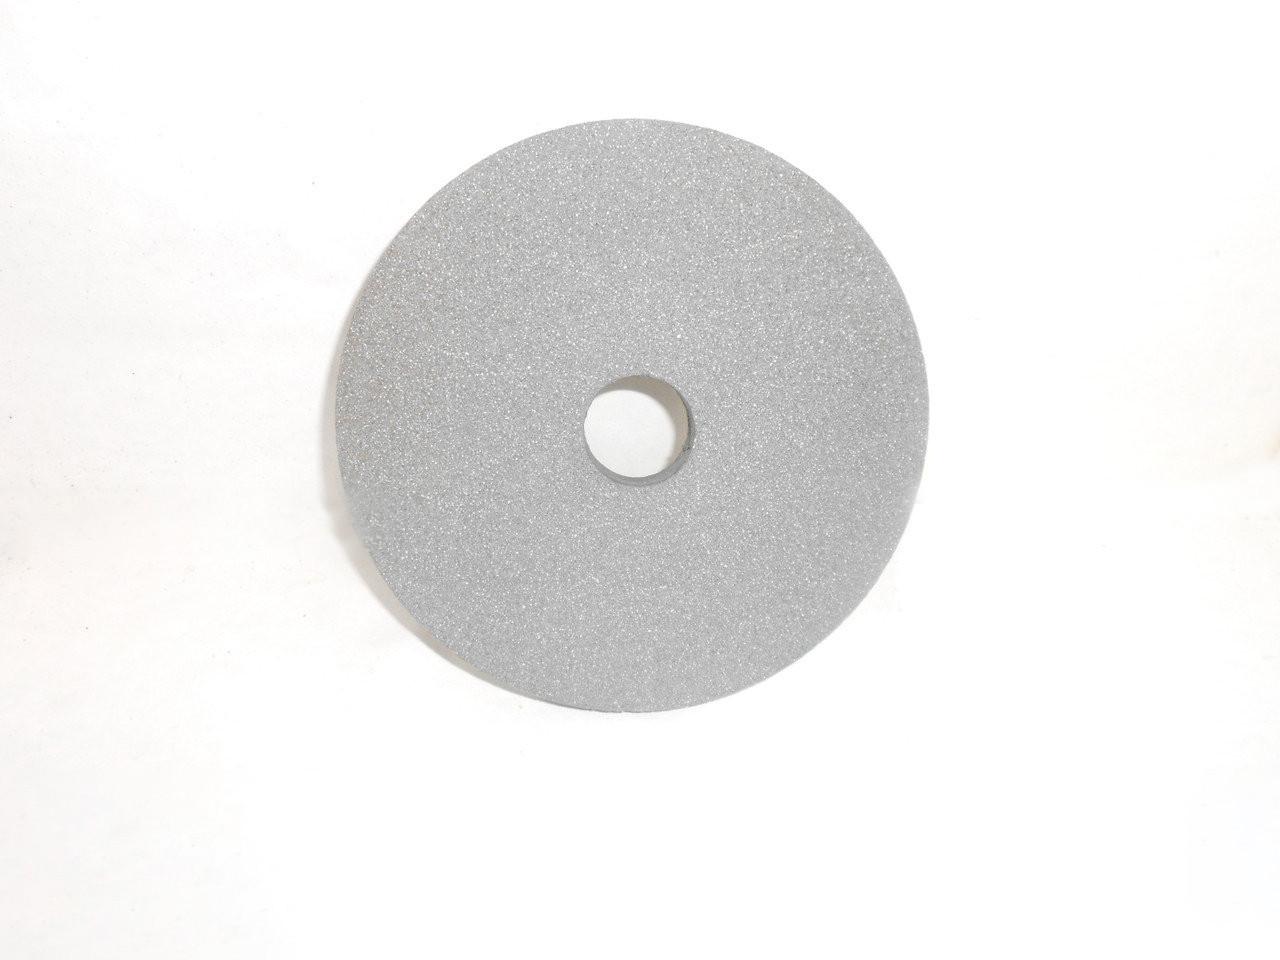 Круг шлифовальный 14А ПП 200х16х32  8 СТ